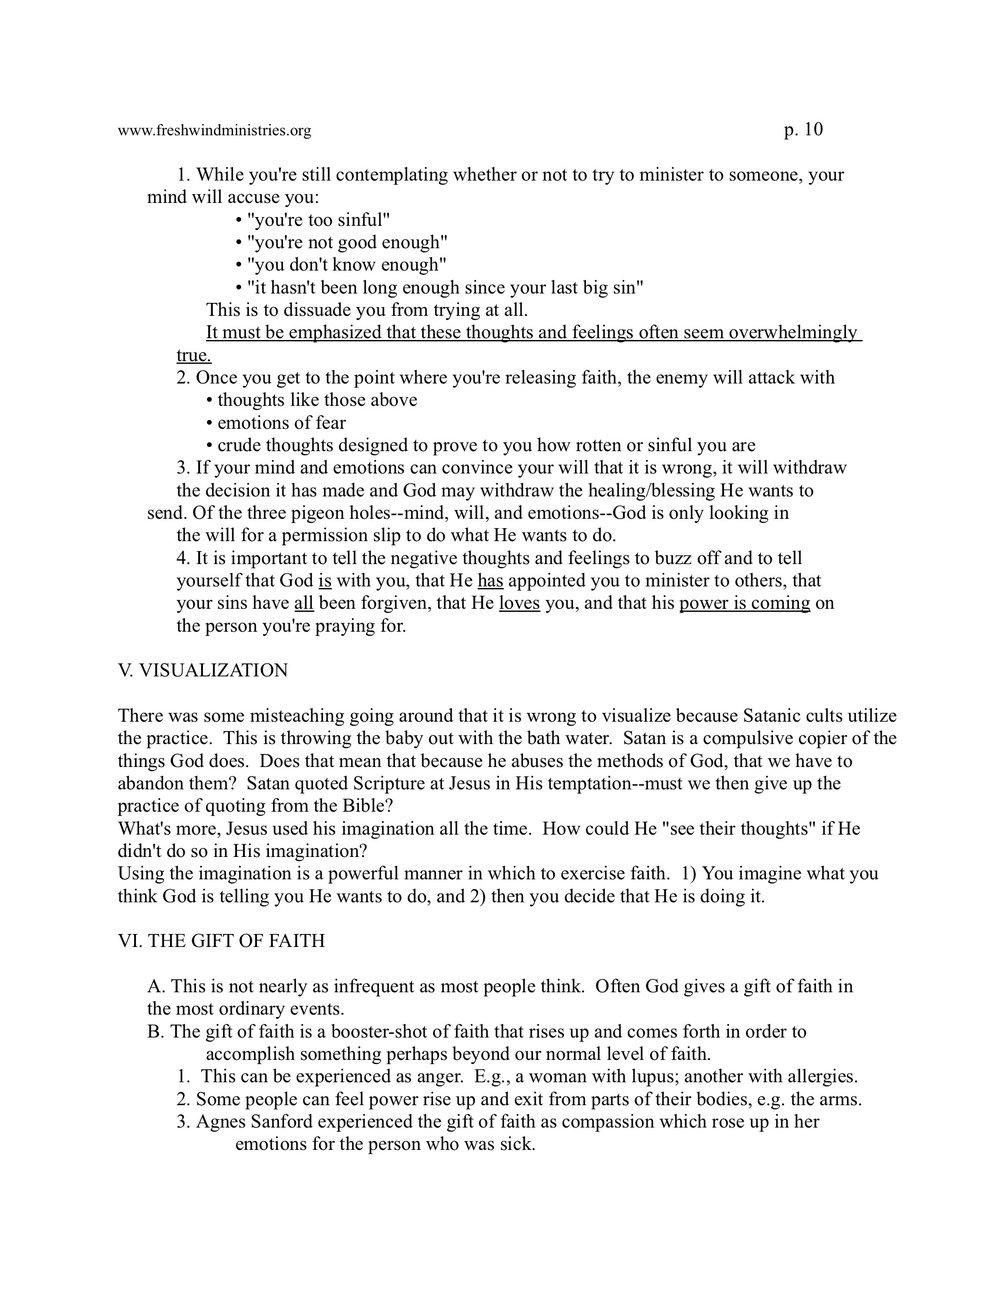 East End Fellowship Notes 29.jpeg